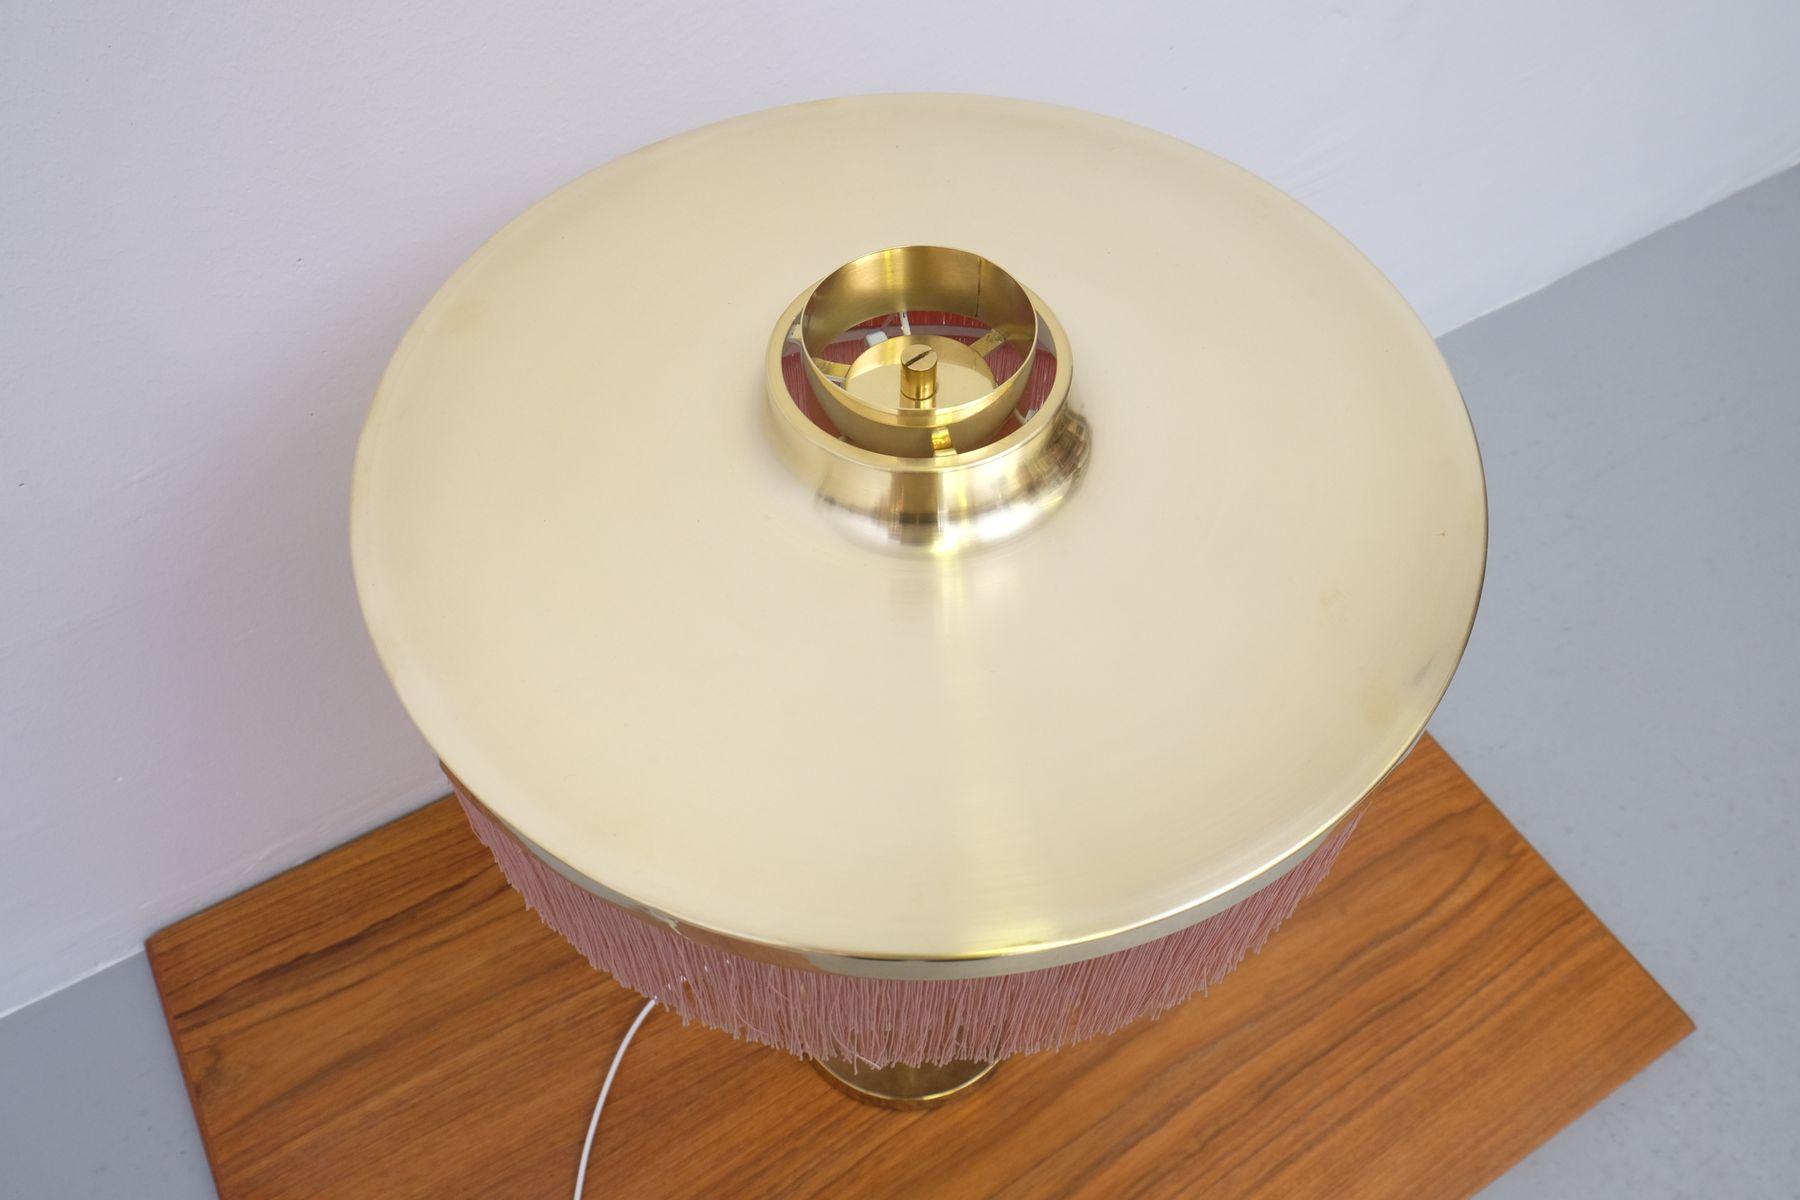 Lampe de bureau b 138 en laiton rose par hans agne - Lampe de bureau rose ...